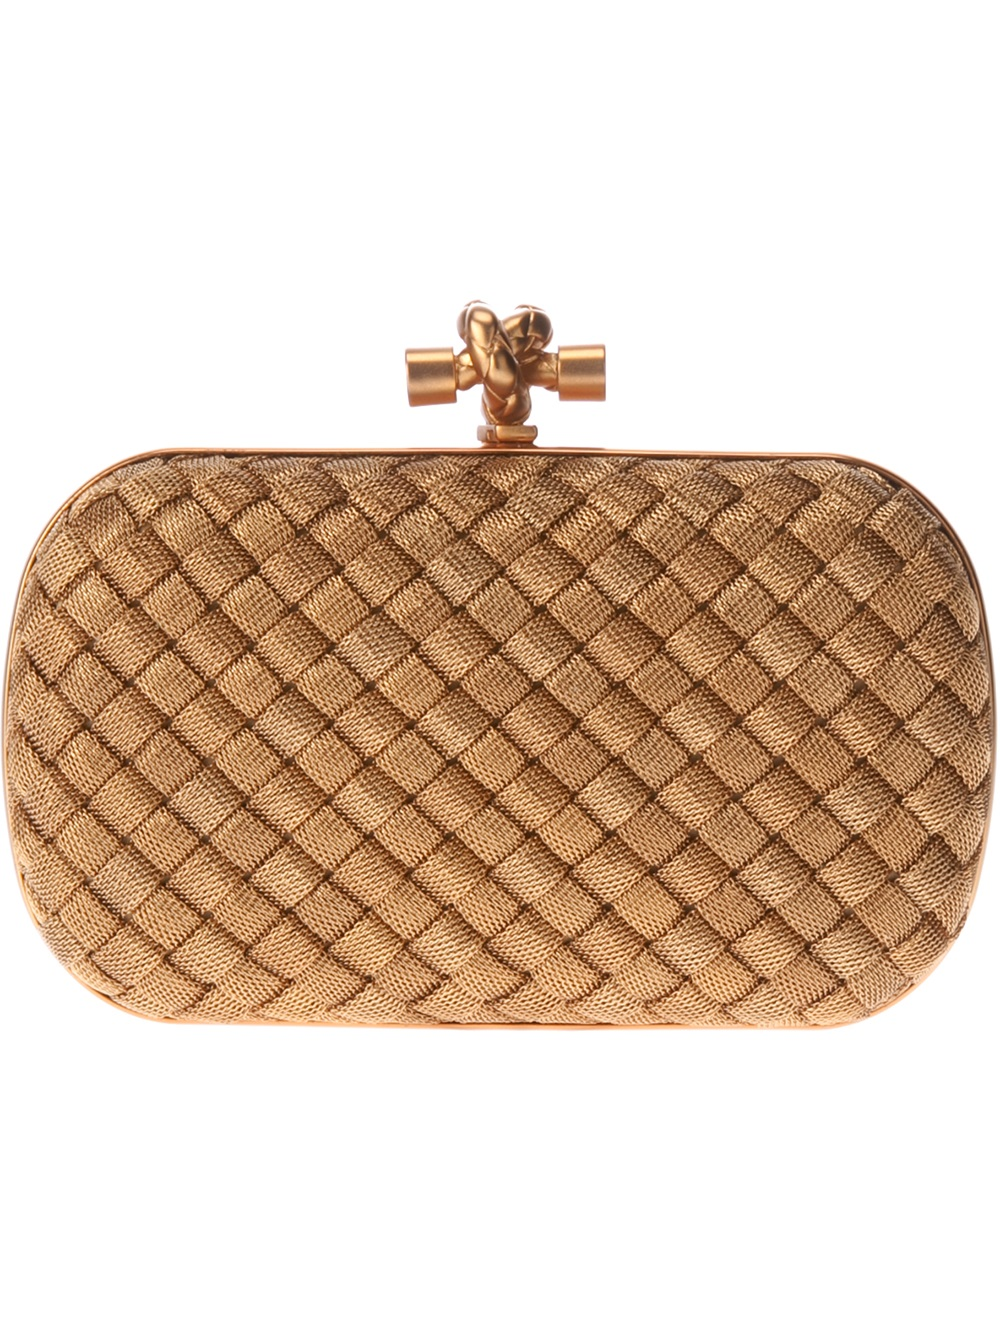 Discover ideas about Botega Veneta Bag - pinterest.com